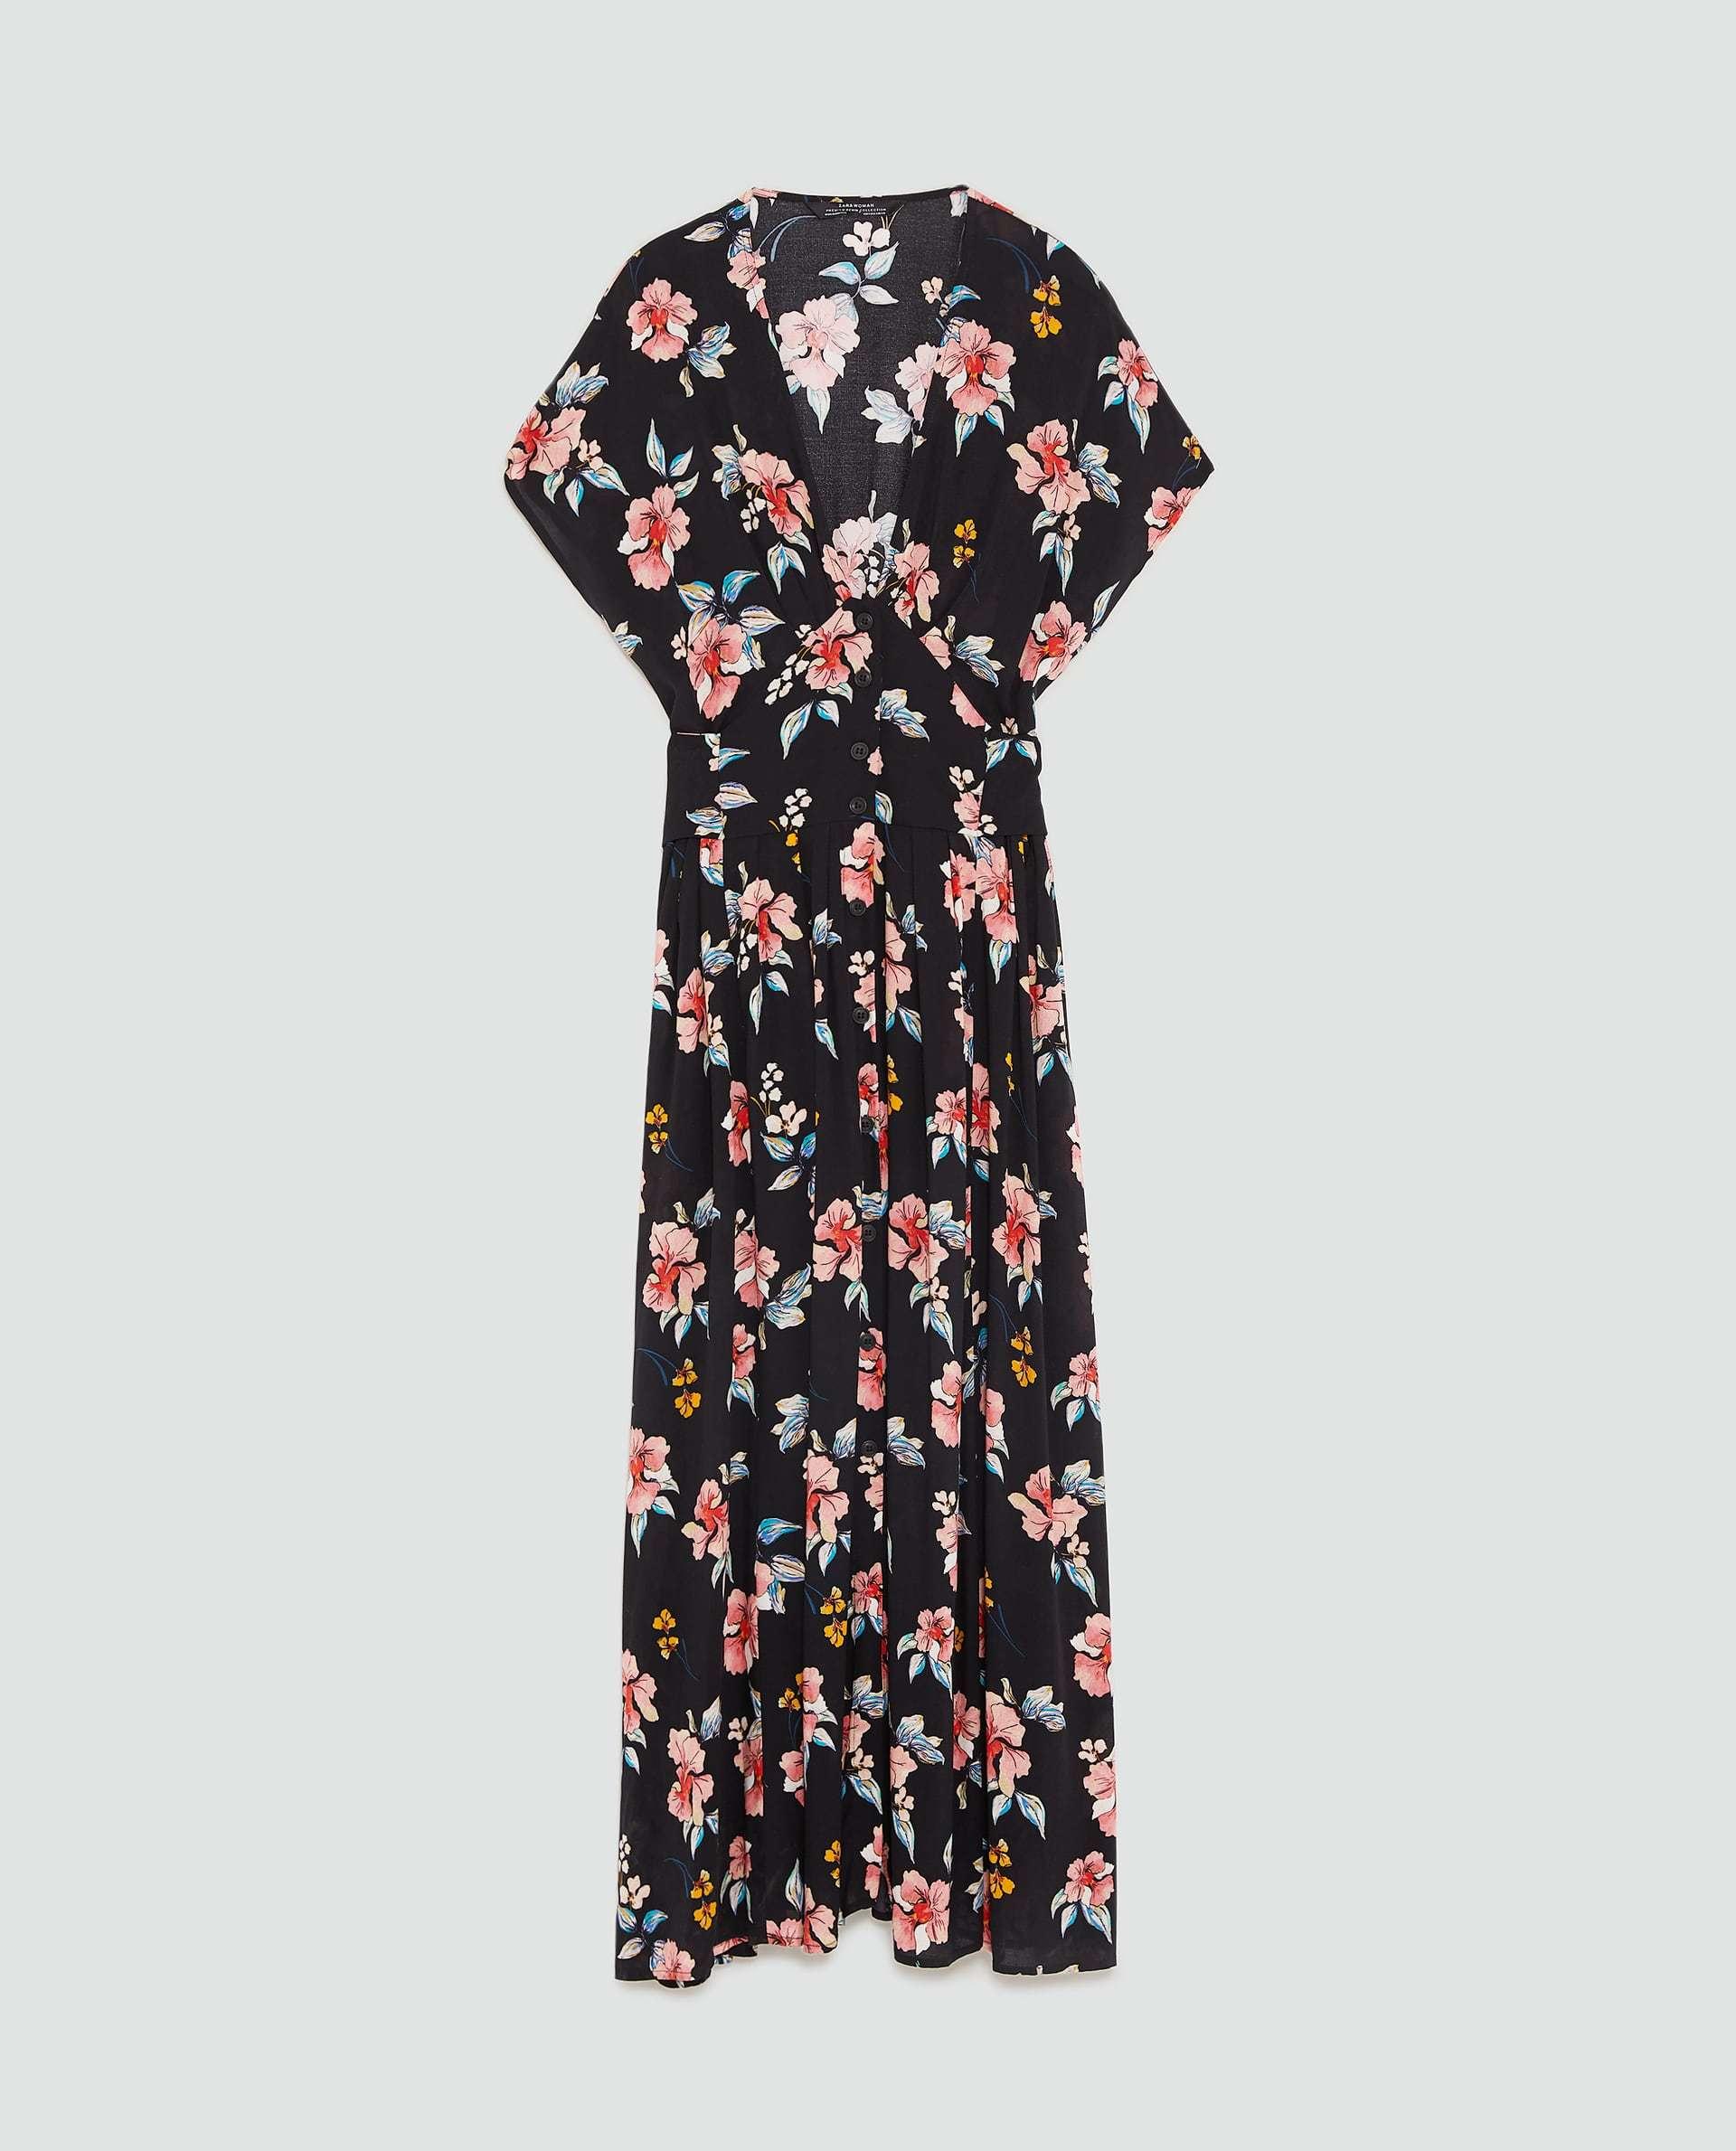 Vestido de flores de Zara(39,95 euros)